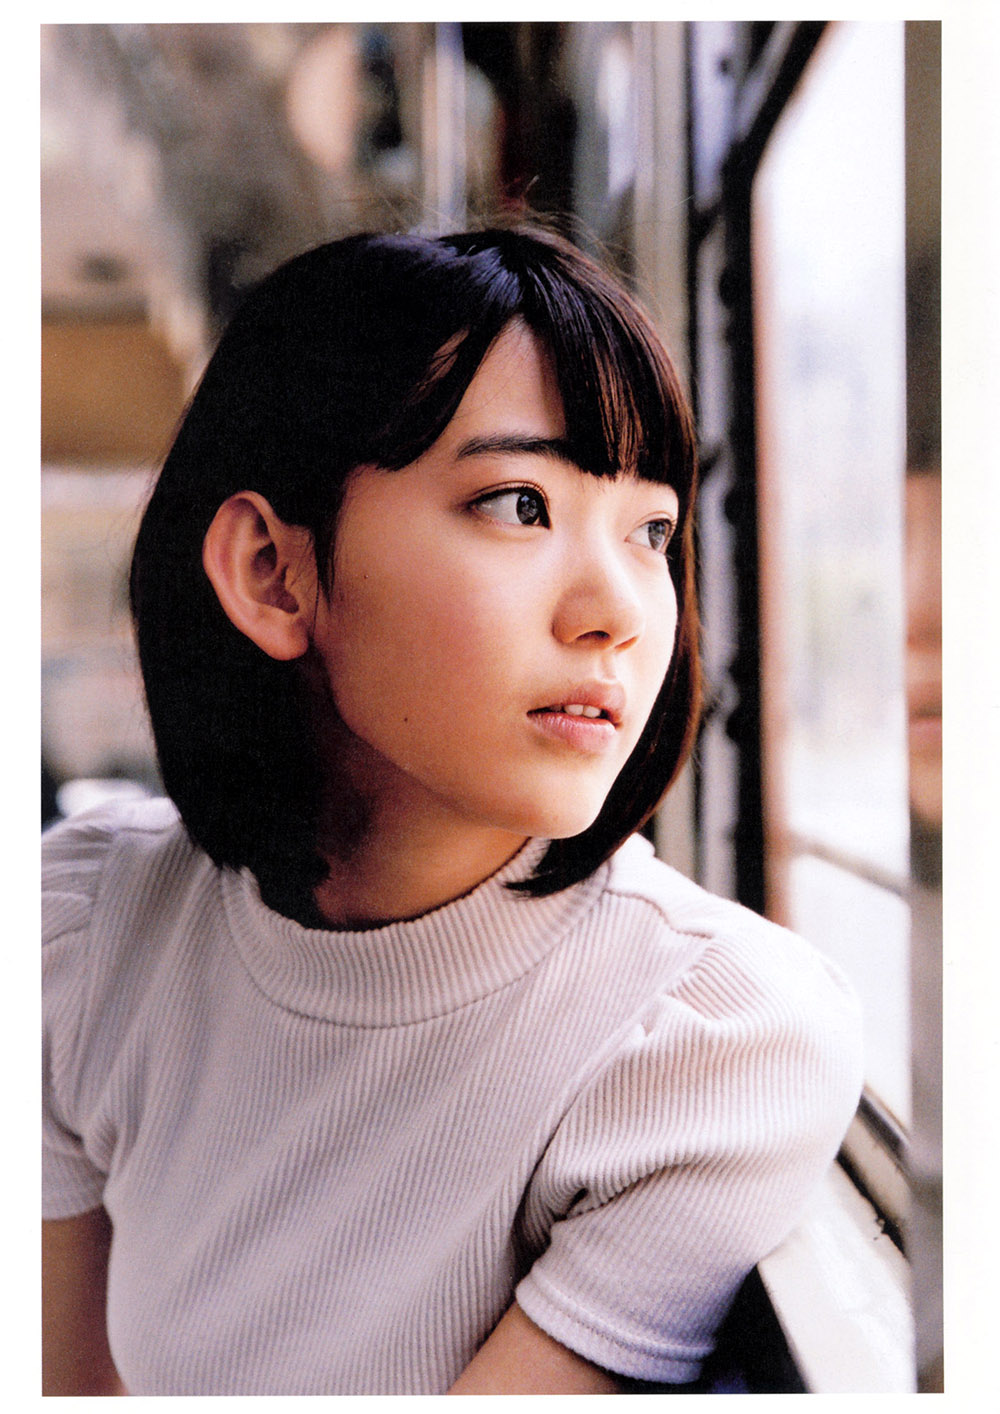 Akb48 Images Miyawaki Sakura 1st Photobook Sakura Hd Wallpaper And